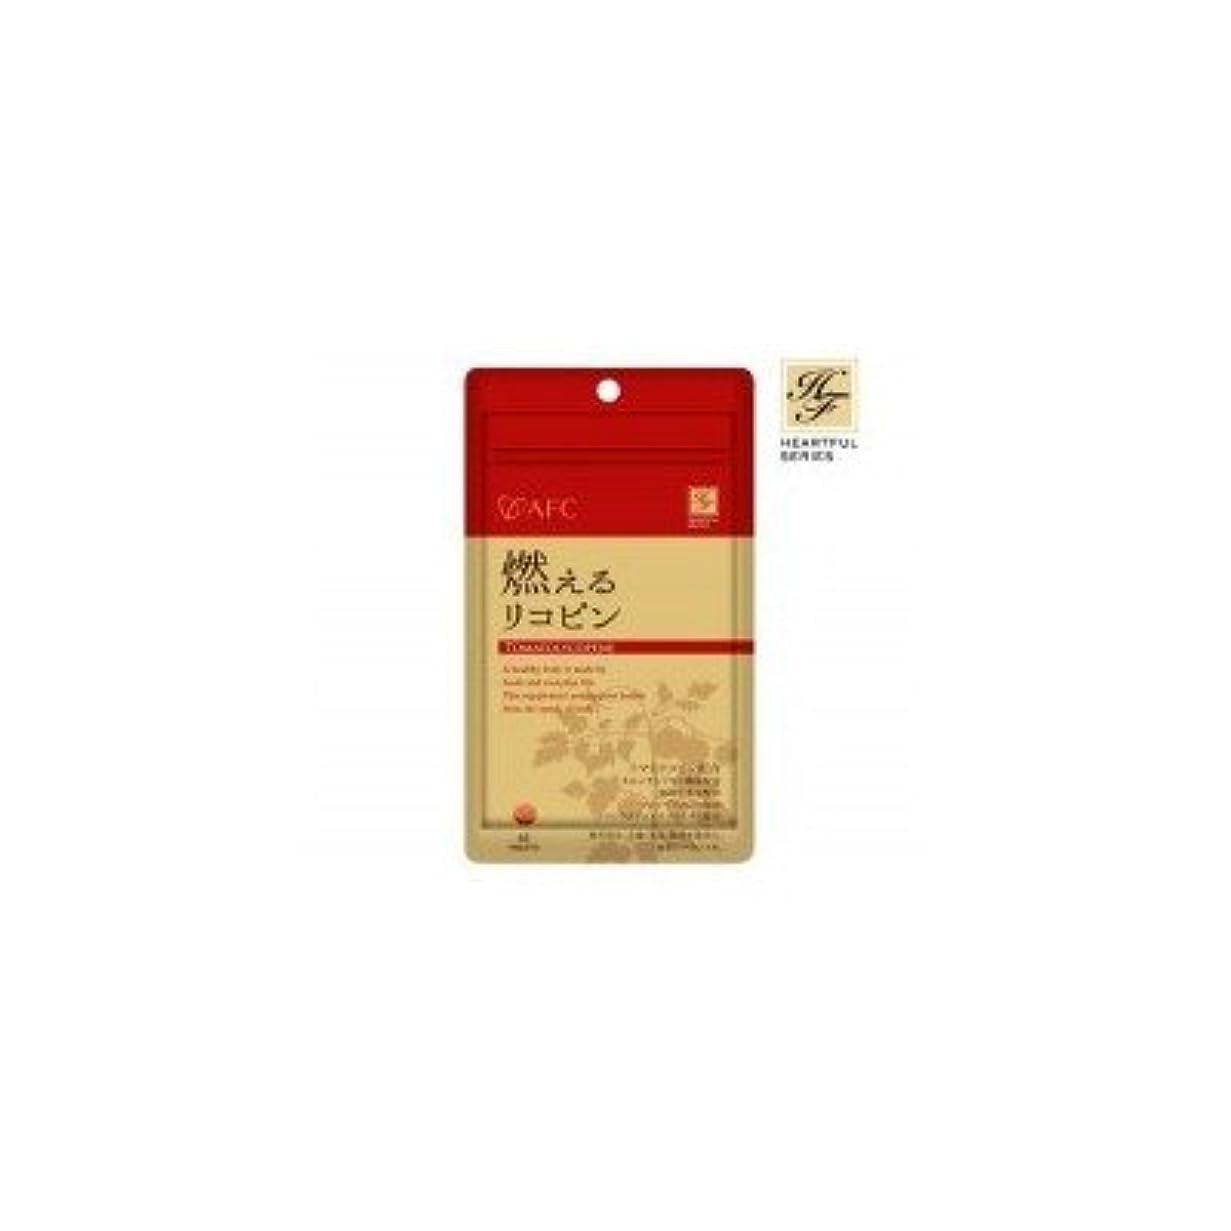 共産主義郵便局違反AFC(エーエフシー) ハートフルシリーズサプリ 燃えるリコピン HFS01×6袋 こころが溢れる健康習慣